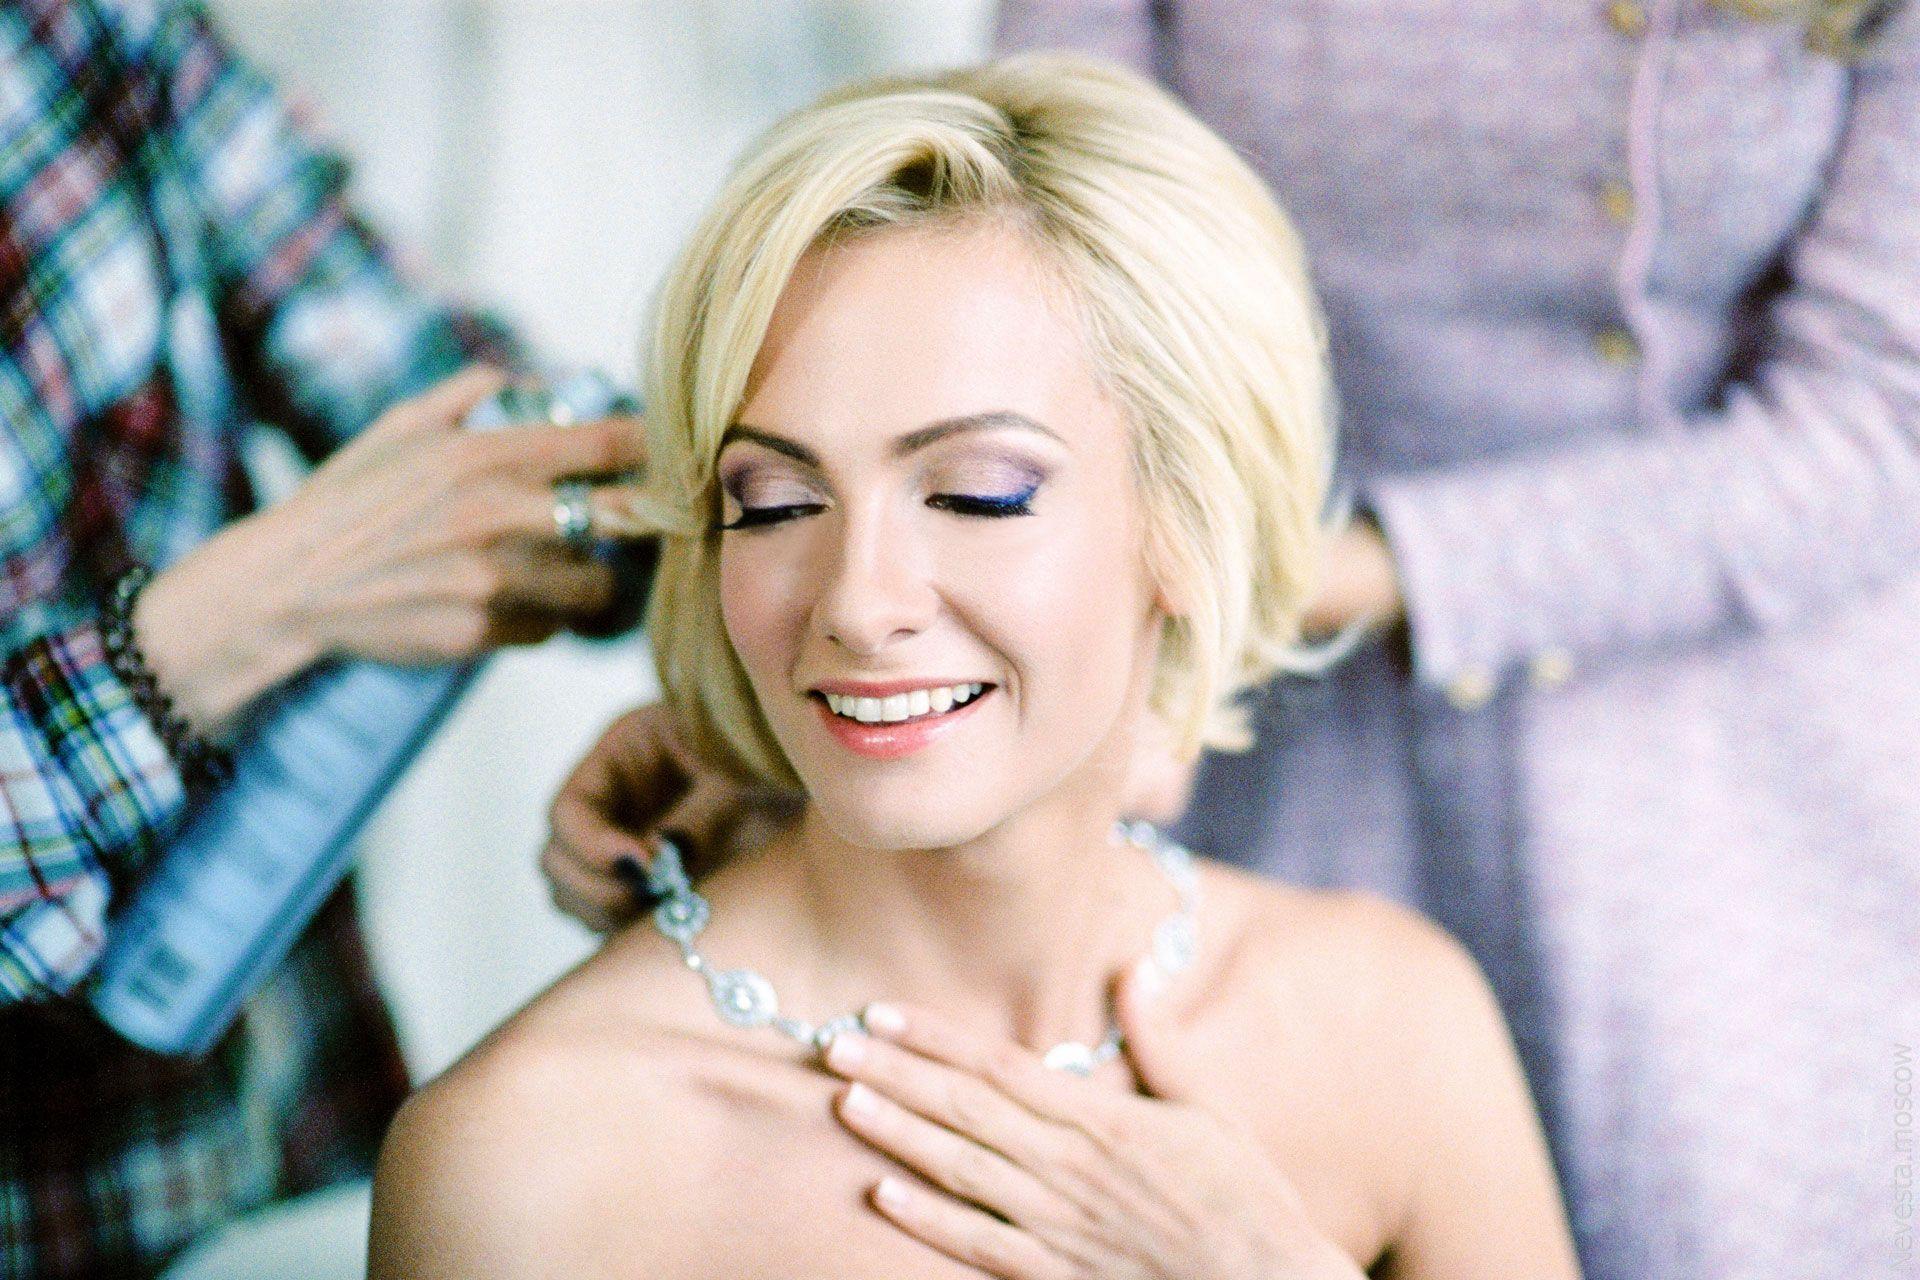 Главная героиня сериала «Деффчонки» в образе невесты от-кутюр